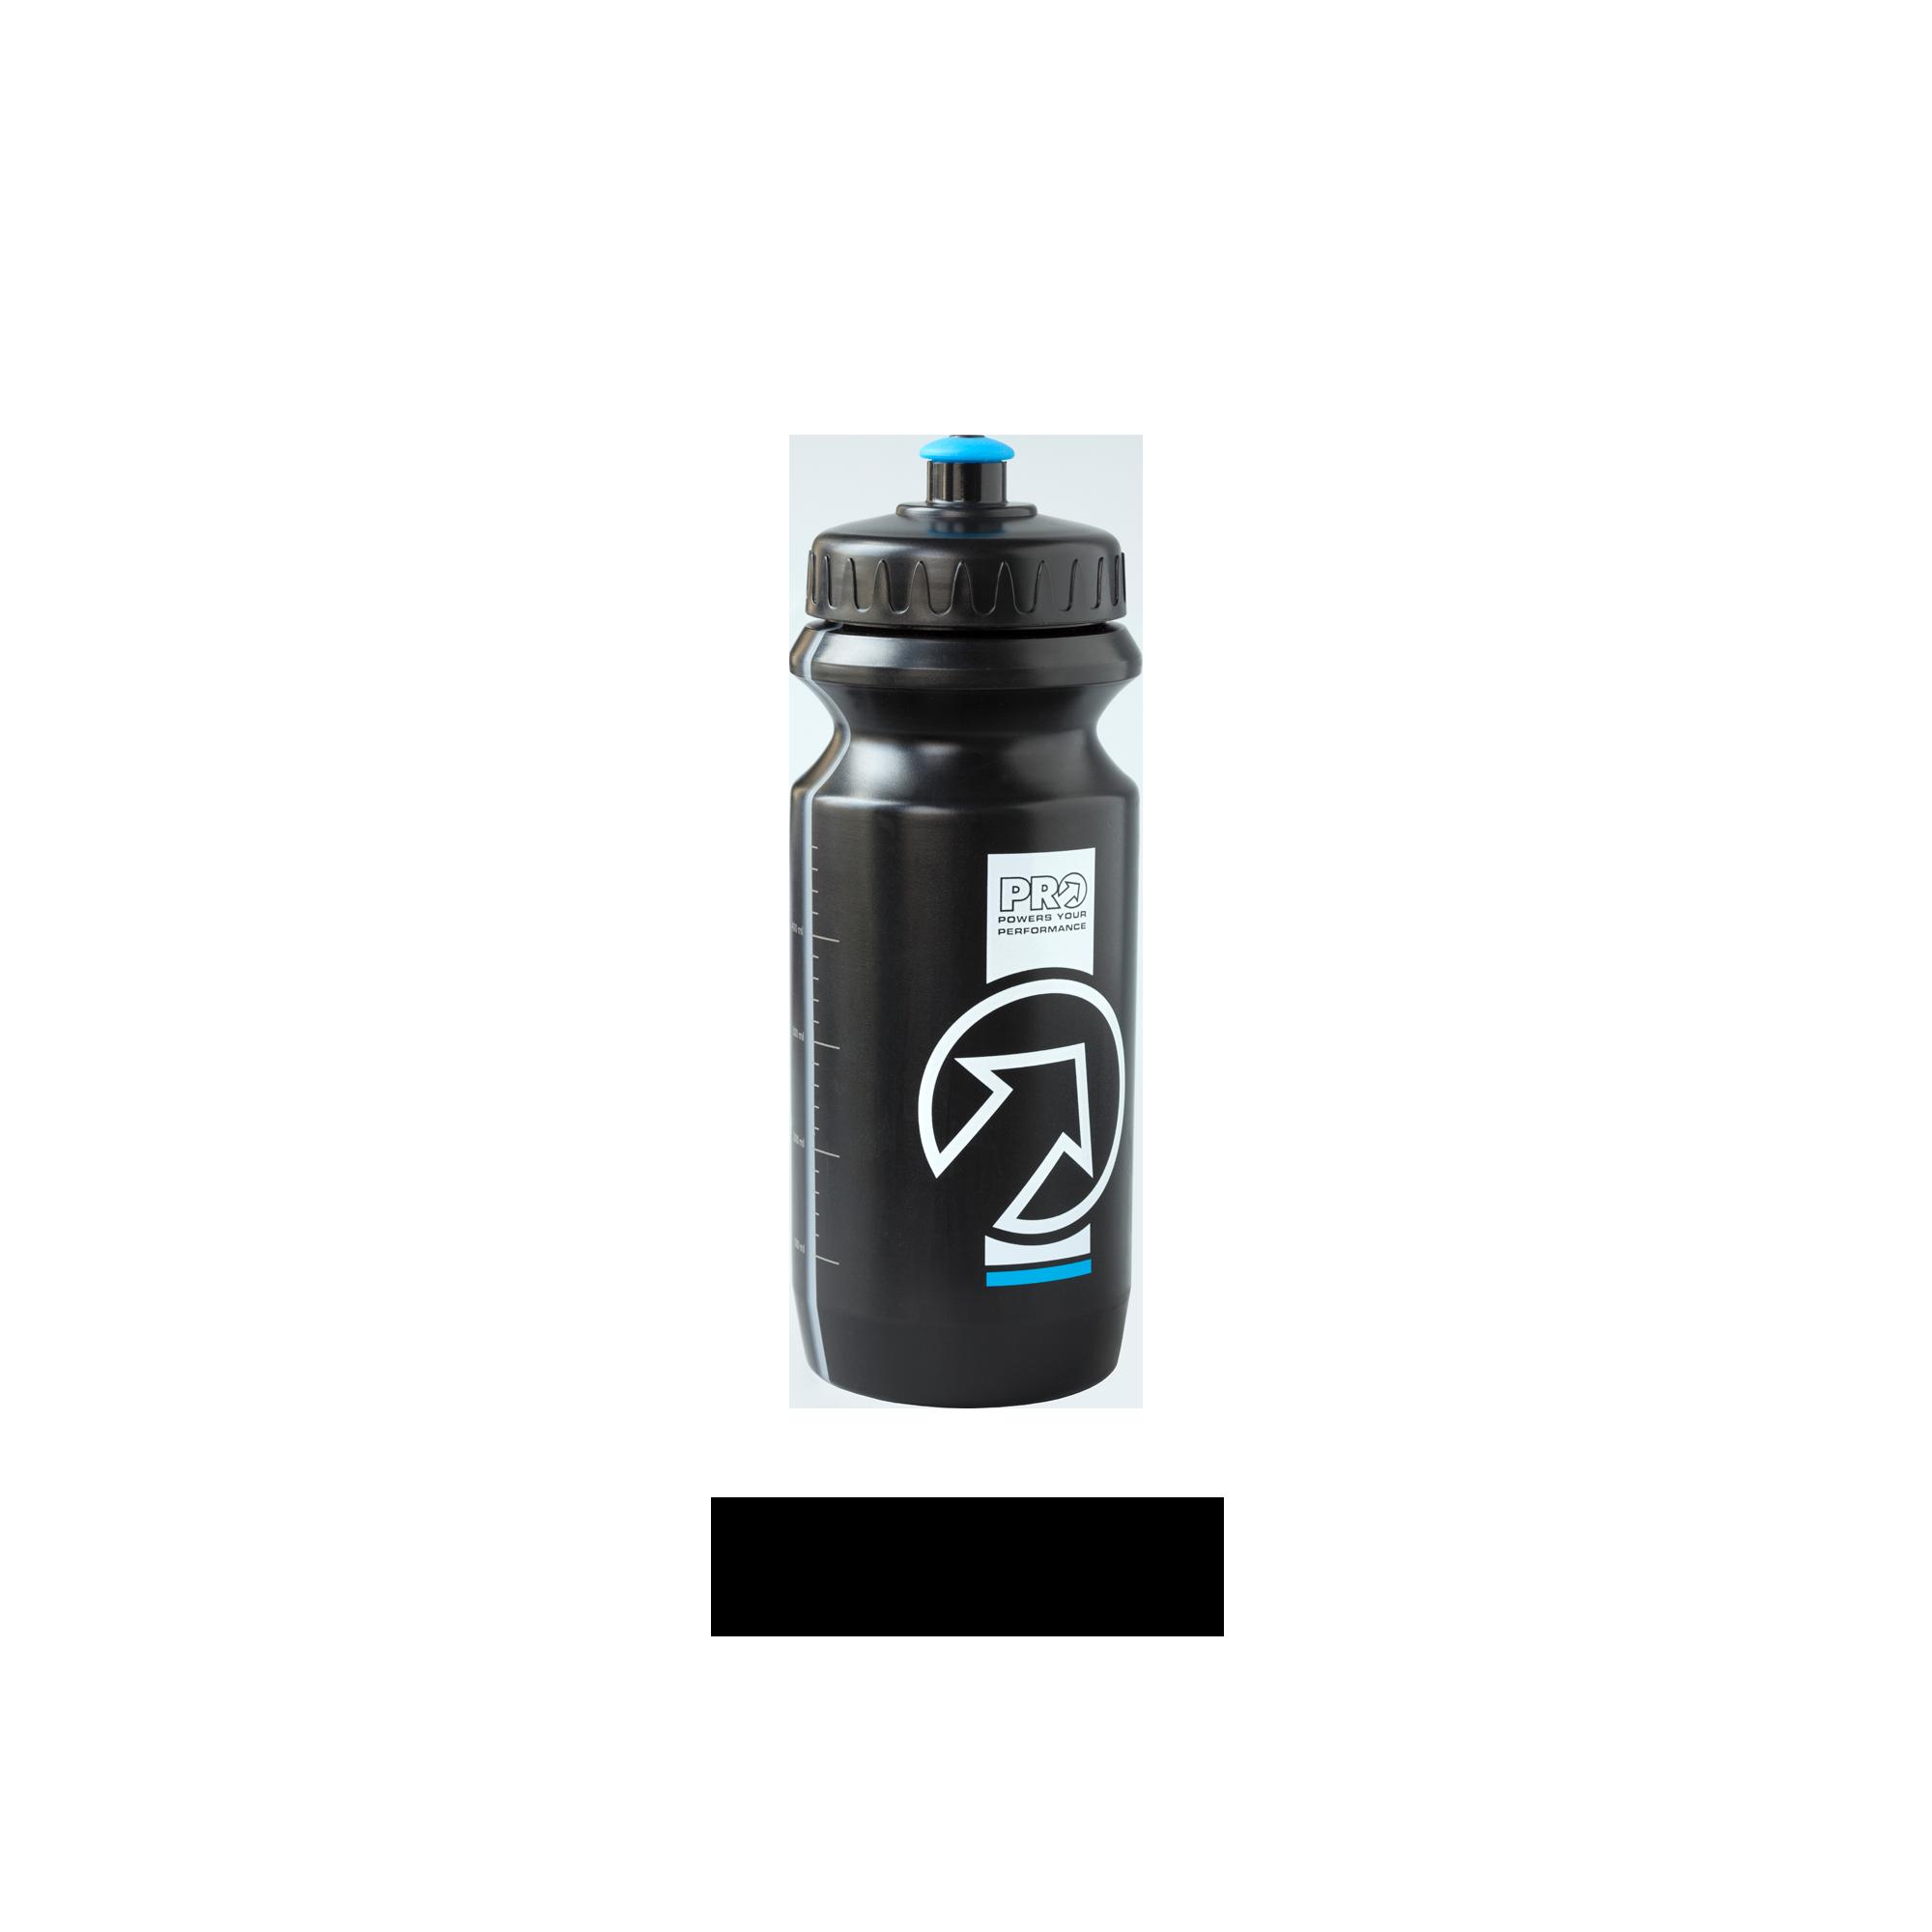 PRO láhev 600 ml, černá